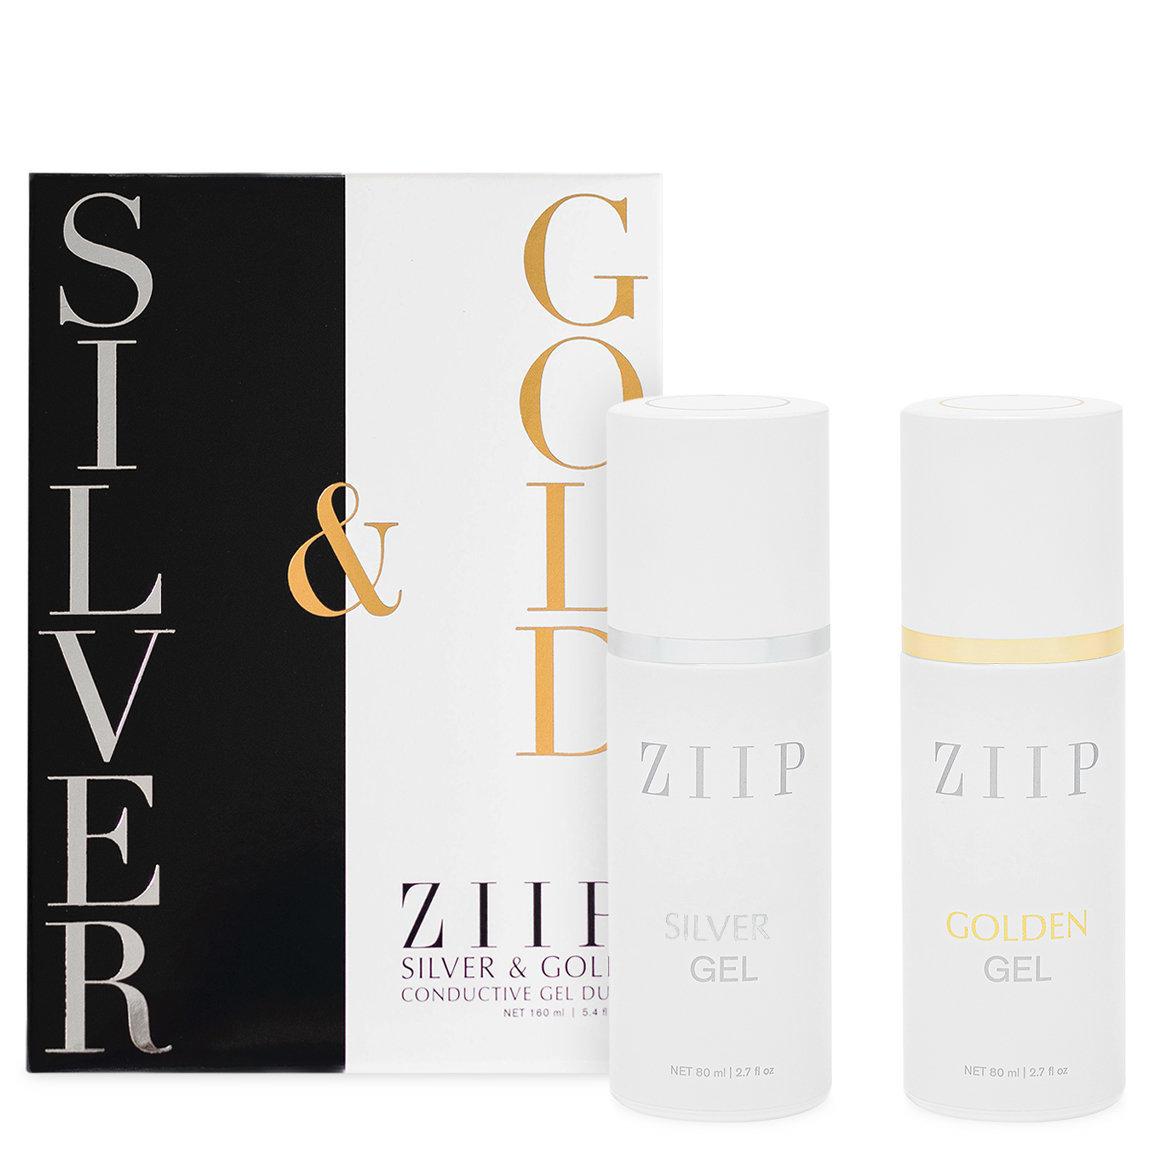 ZIIP ZIIP Together Conductive Gel Duo alternative view 1 - product swatch.